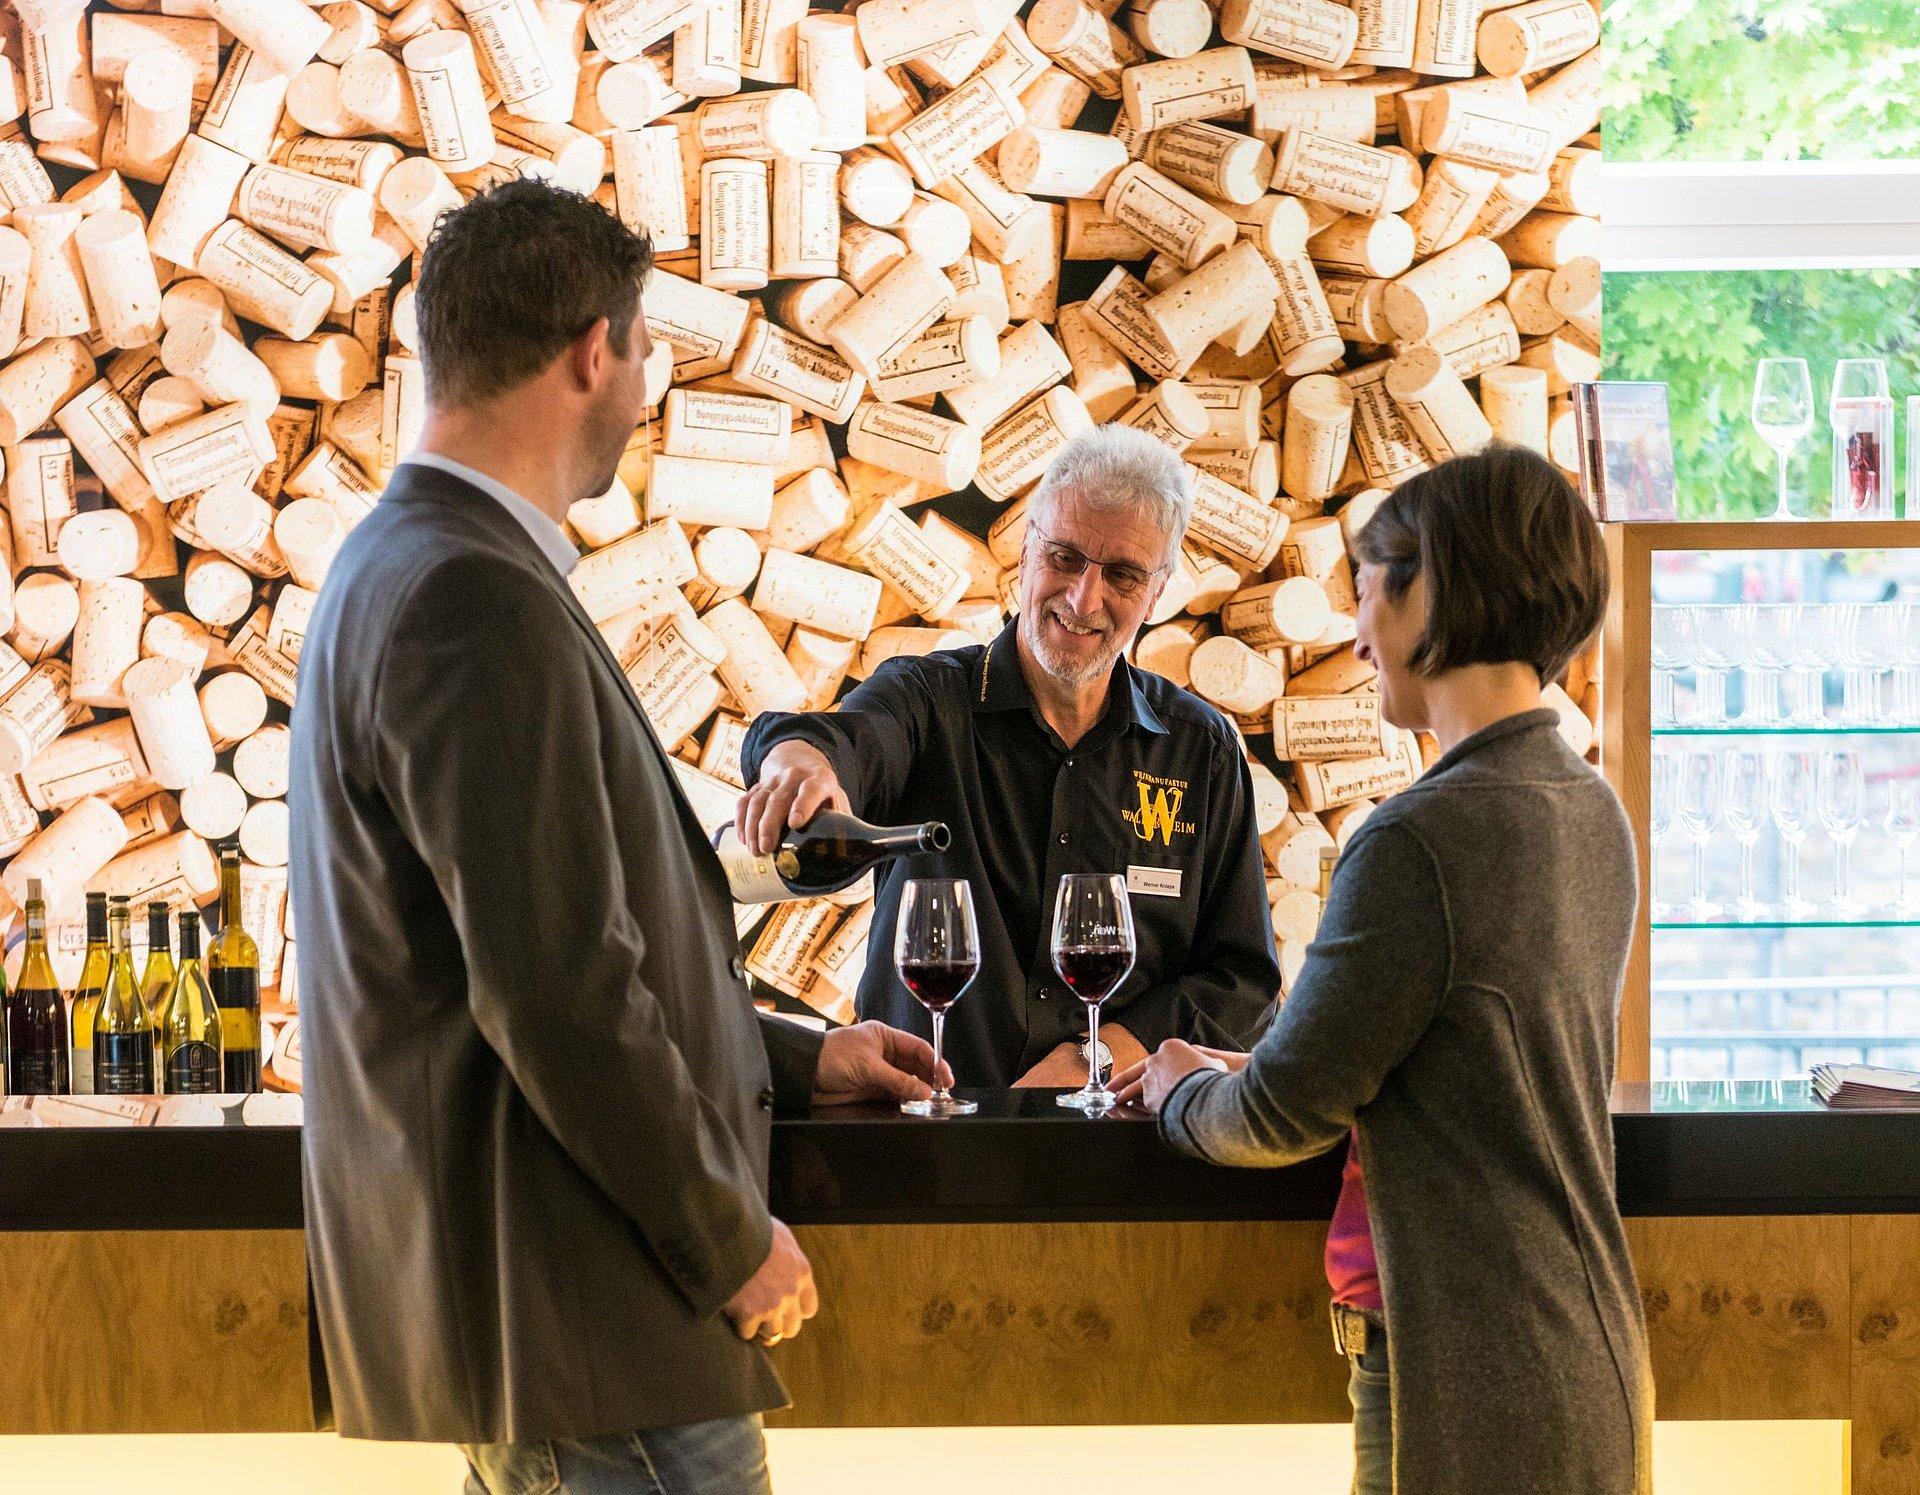 Wijnproeverij in Walporzheim, Ahrdal